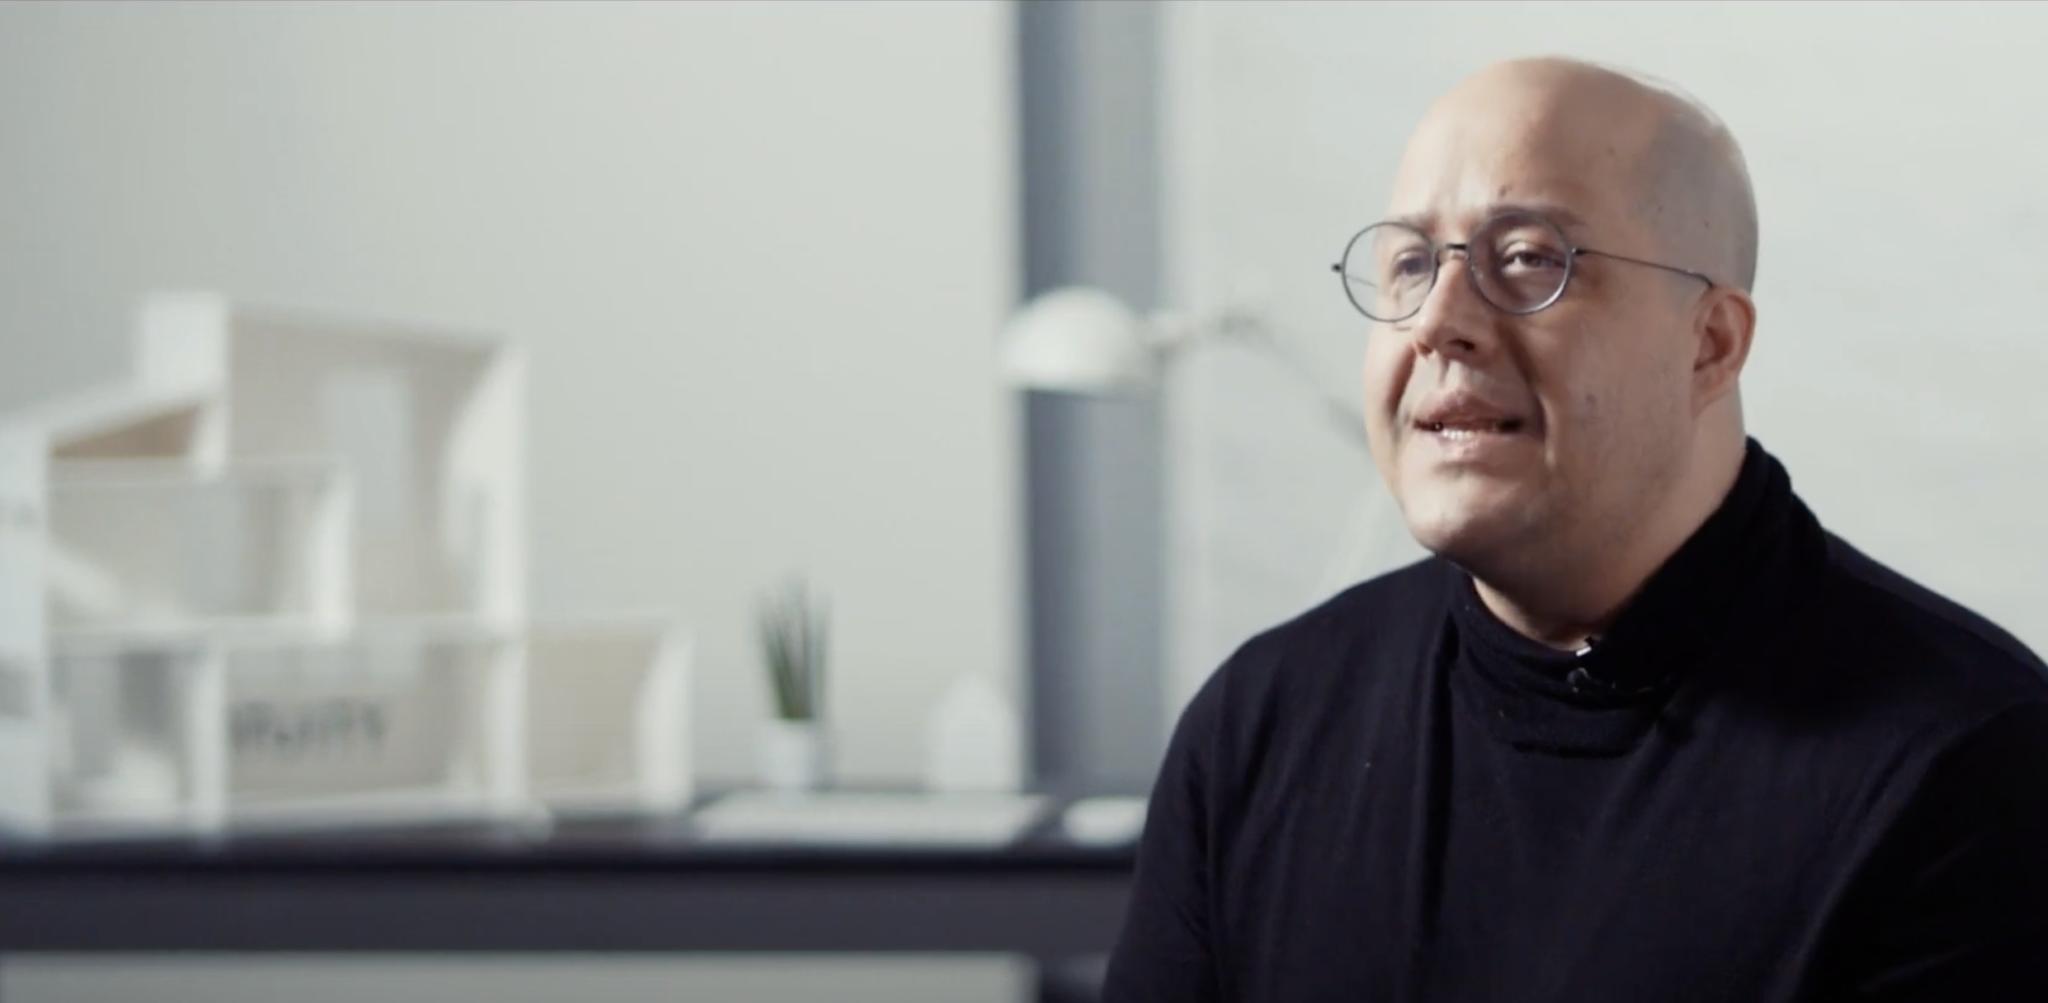 NTUITY Video Vorschau mit Johannes Schleicher, CTO